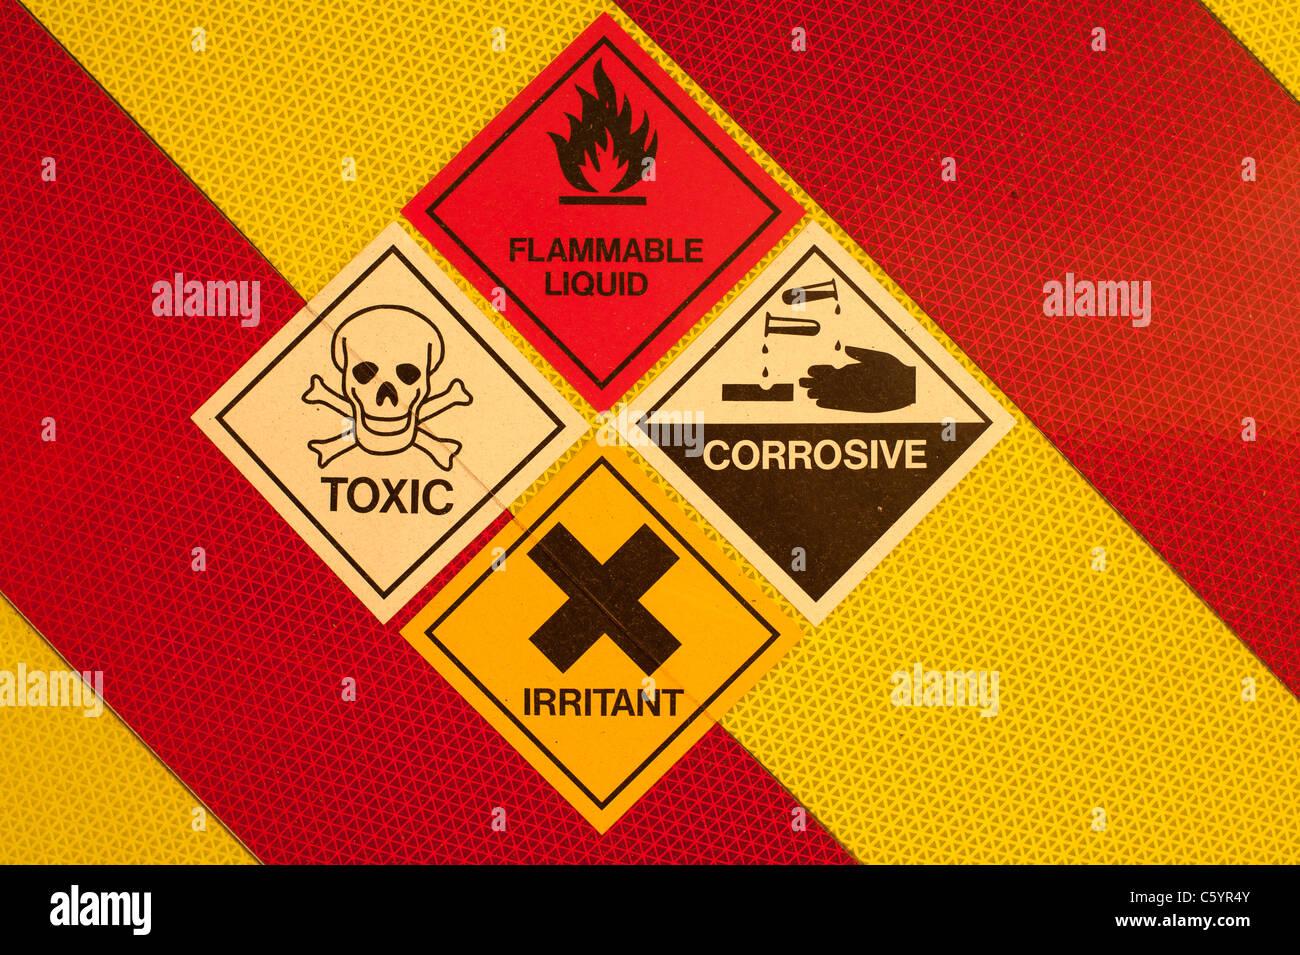 A set of danger flammable liquid toxic corrosive irritant a set of danger flammable liquid toxic corrosive irritant chemicals and liquids warning symbols on red and yellow uk buycottarizona